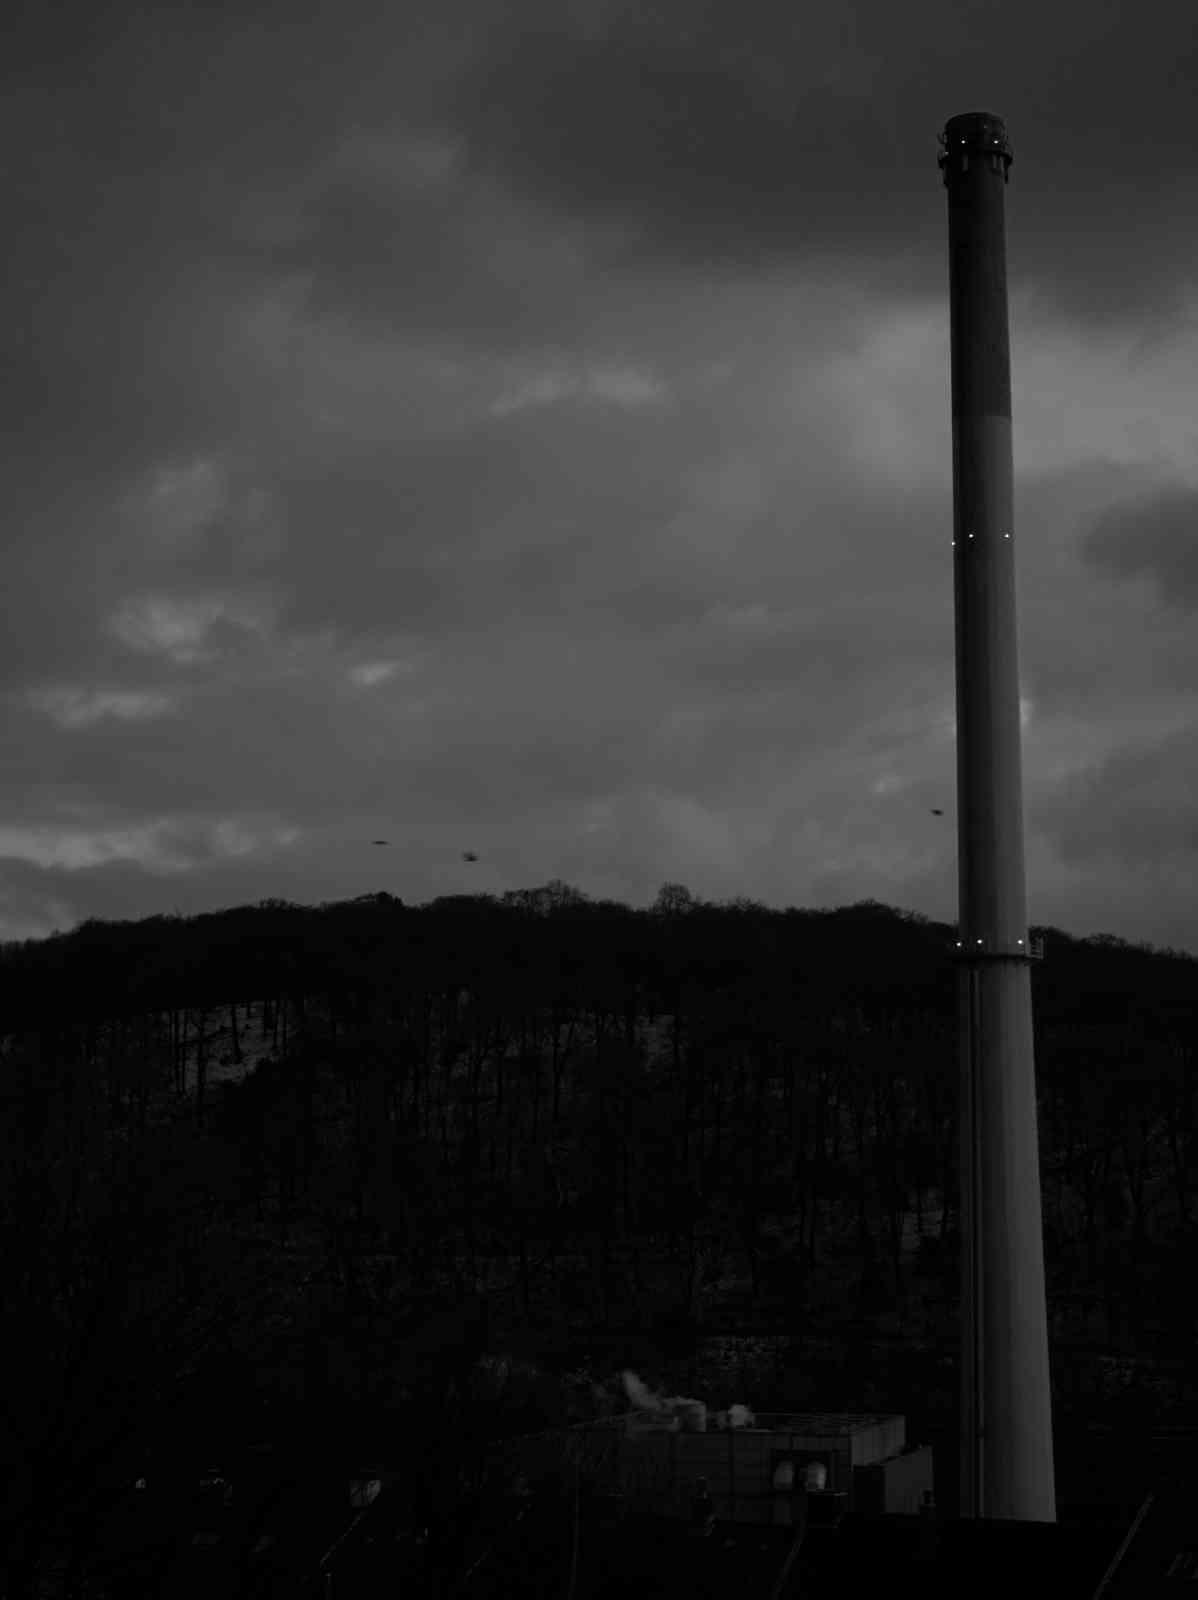 Der Große Schornstein, Wuppertal 05